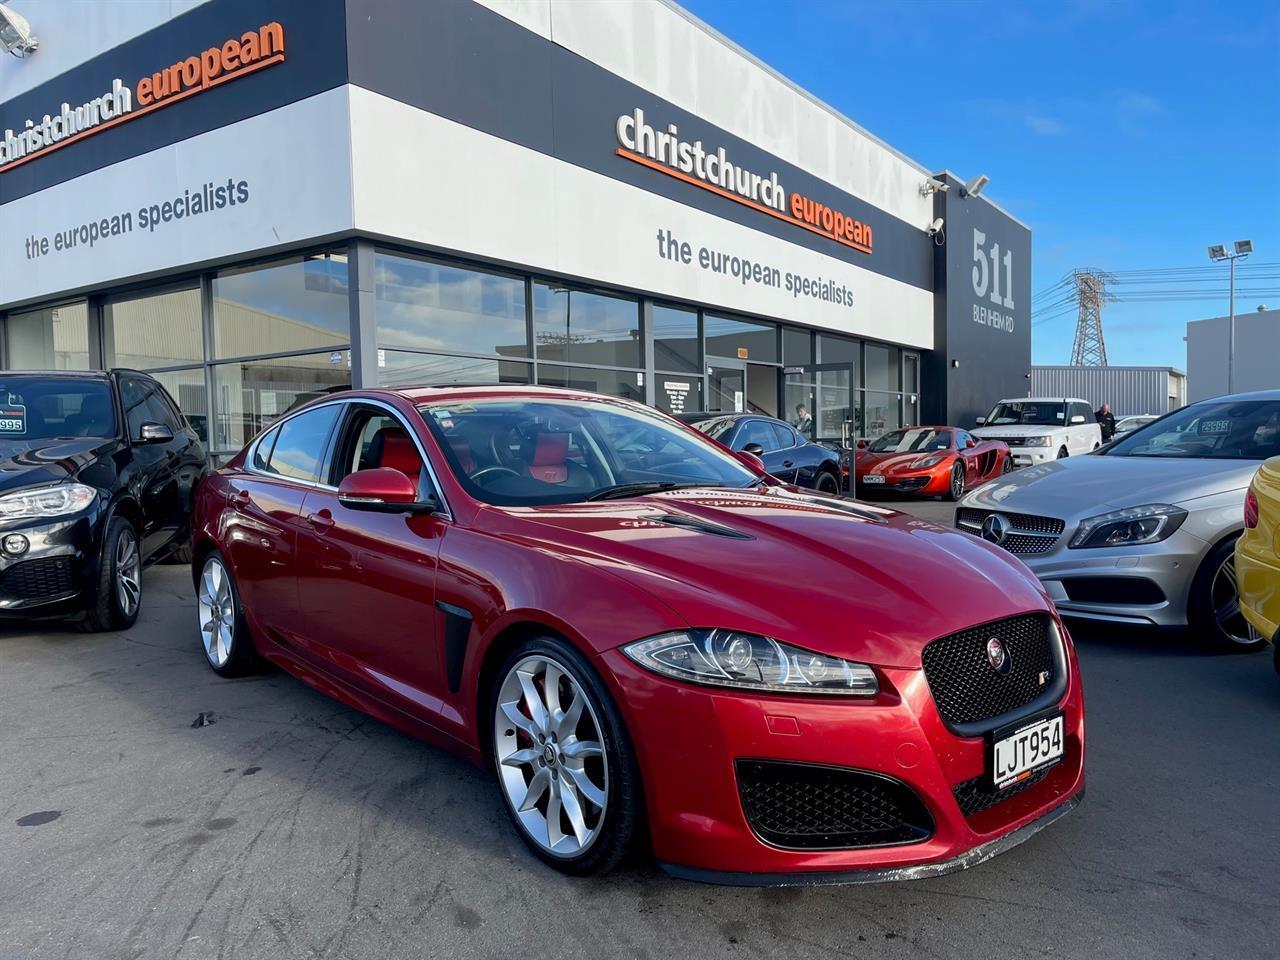 image-0, 2012 Jaguar XFR 5.0 V8 Supercharged Facelift at Christchurch